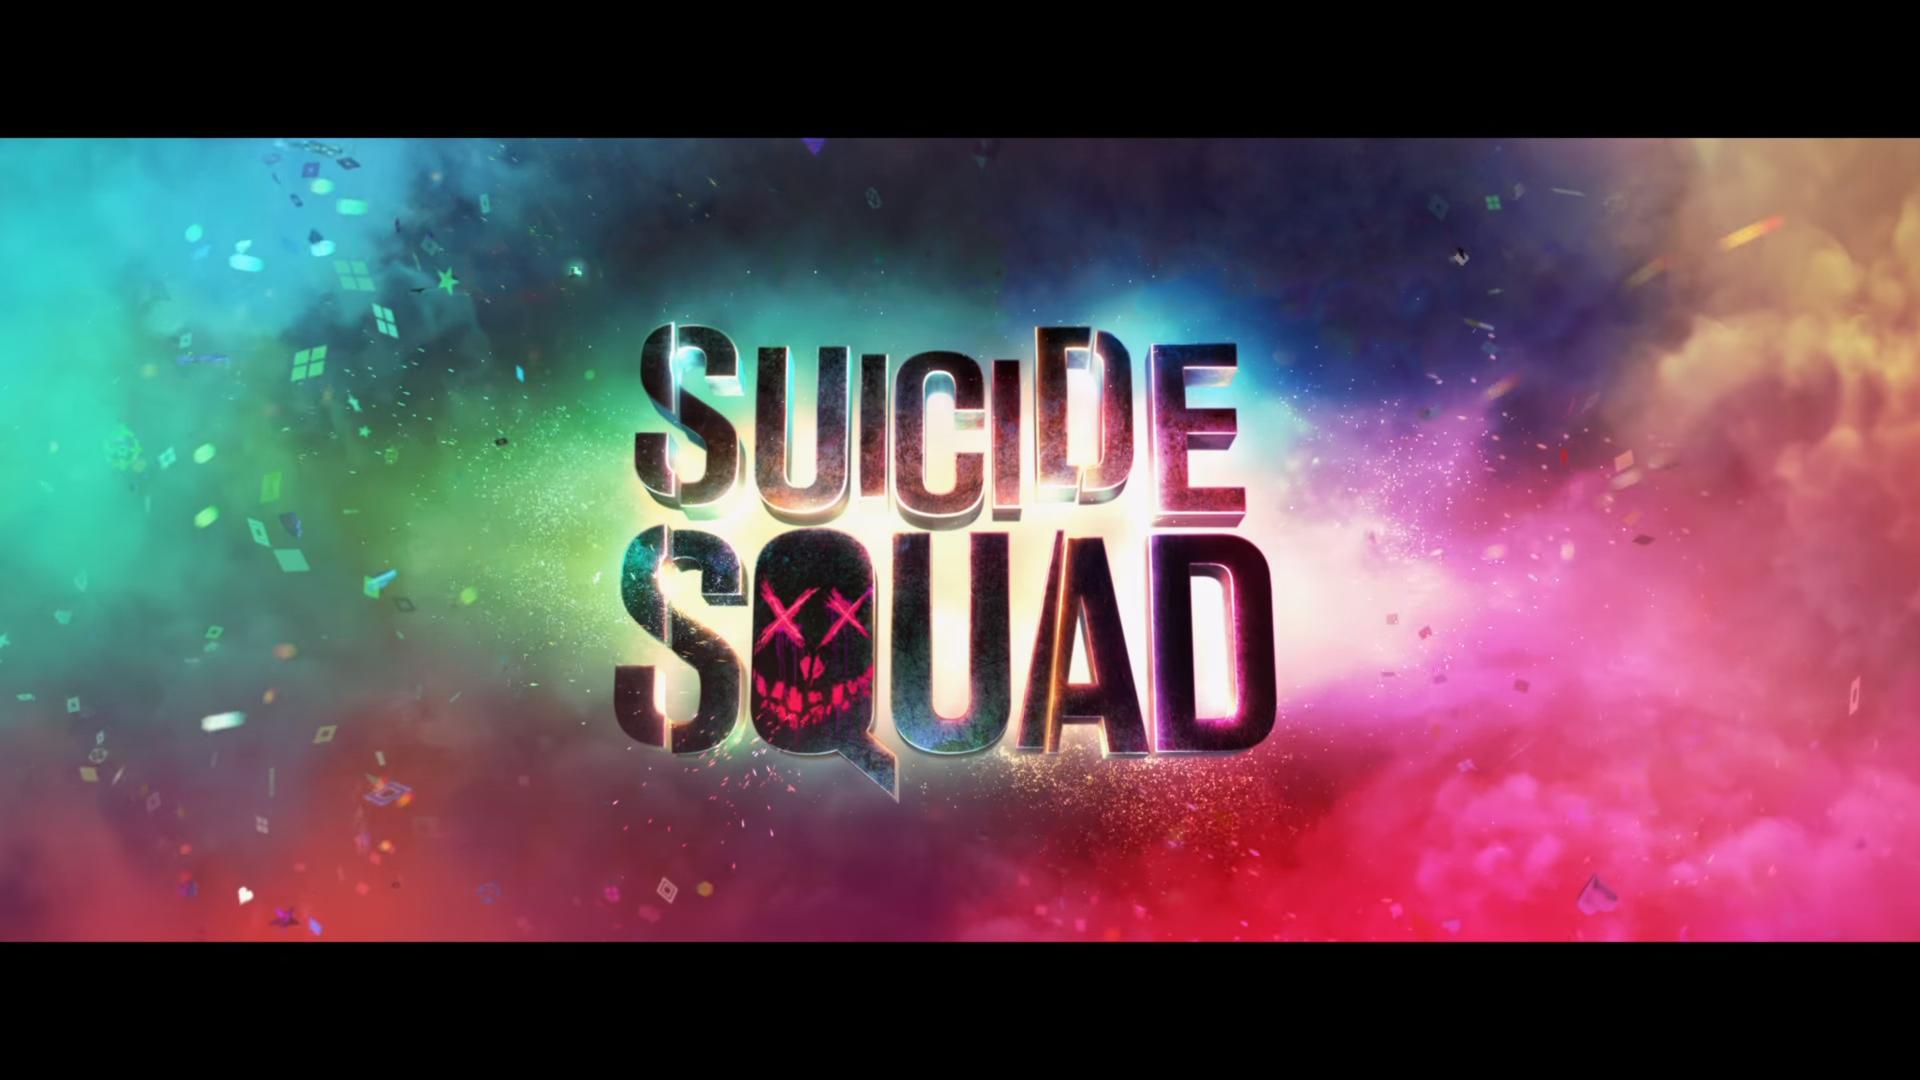 esquadro suicida DC comics cartaz filme   HD papel de parede 1920x1080